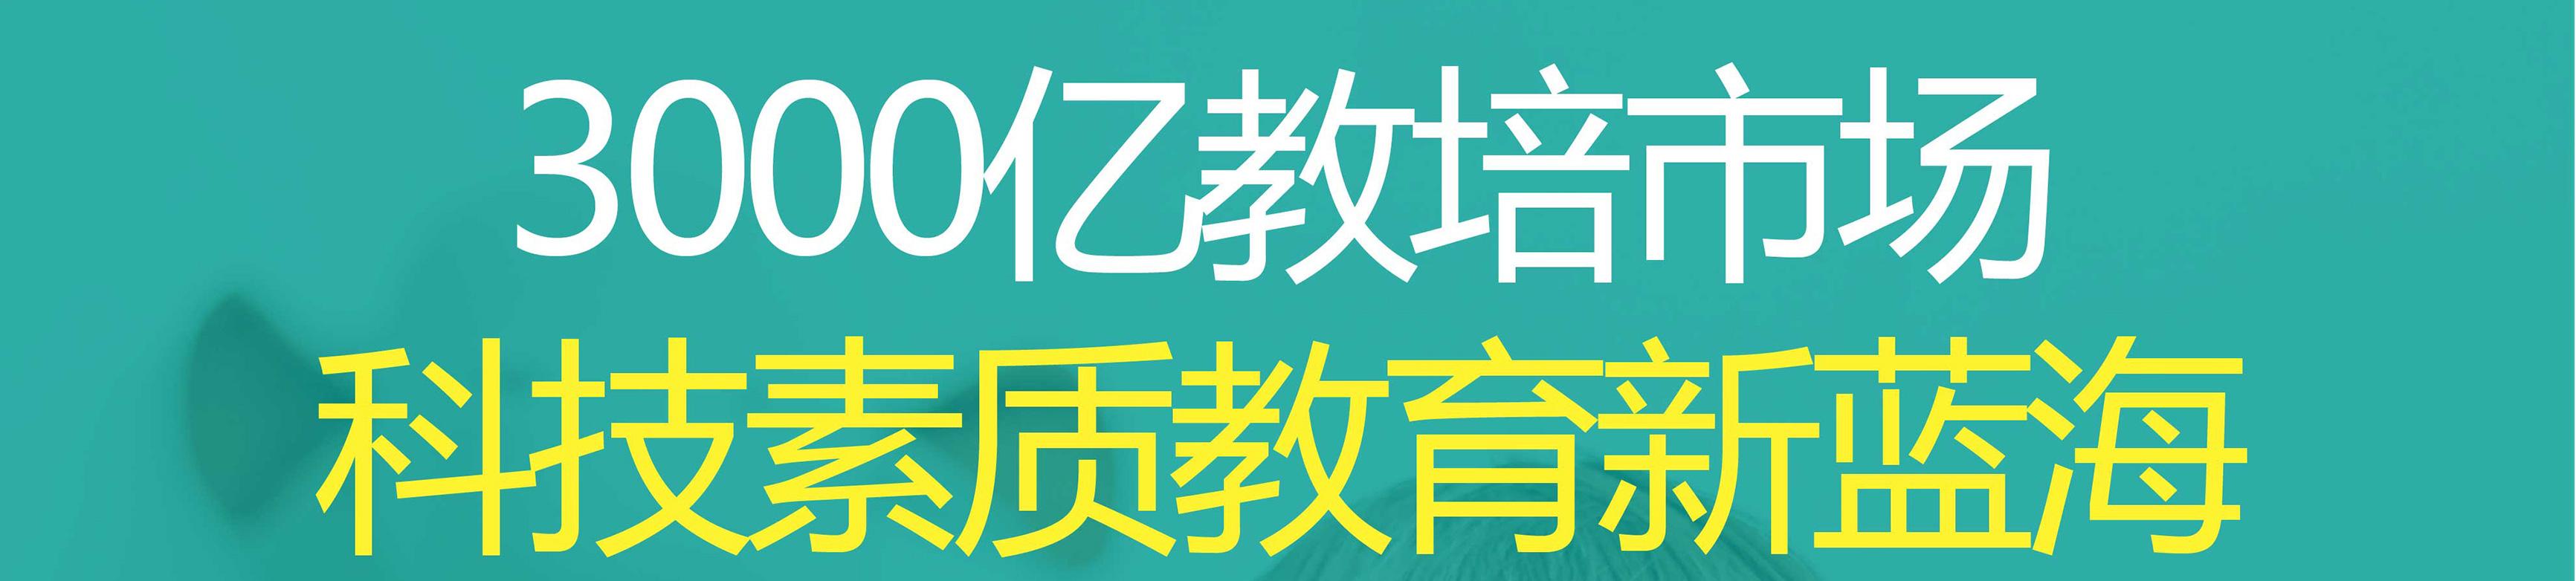 傲小码机器人编程20210818傲小码网站新_08